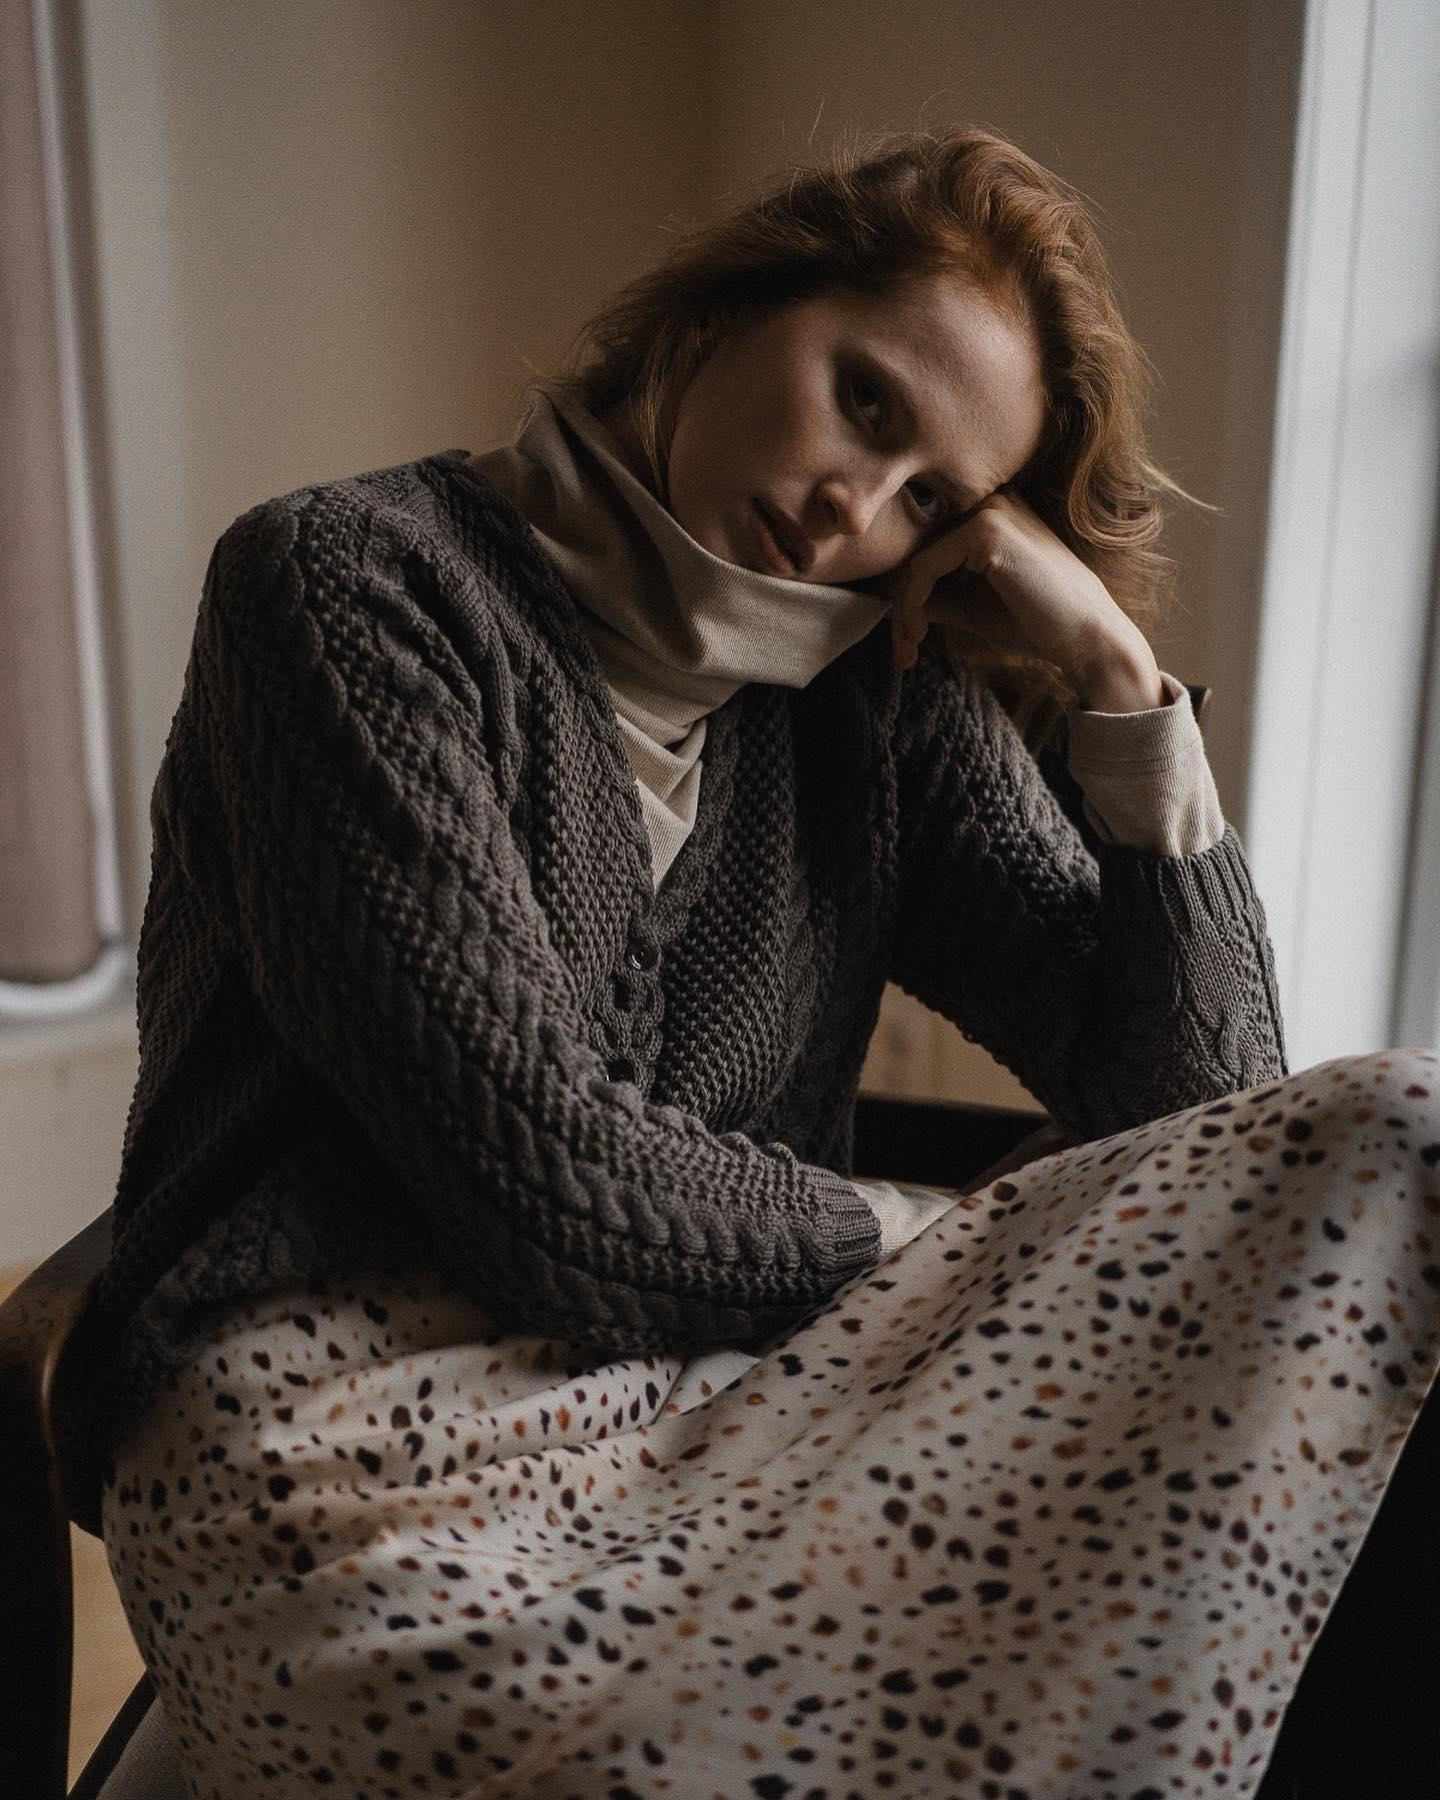 Jestem zachwycona! Nasz bawełniany sweterek wystąpił gościnnie w sesji u @natulaclothing ❤❤❤ Klimatycznie, malarsko, zjawiskowo... Dziękuję!  foto: @mariolazoladz  styl: @tatiana.szczech